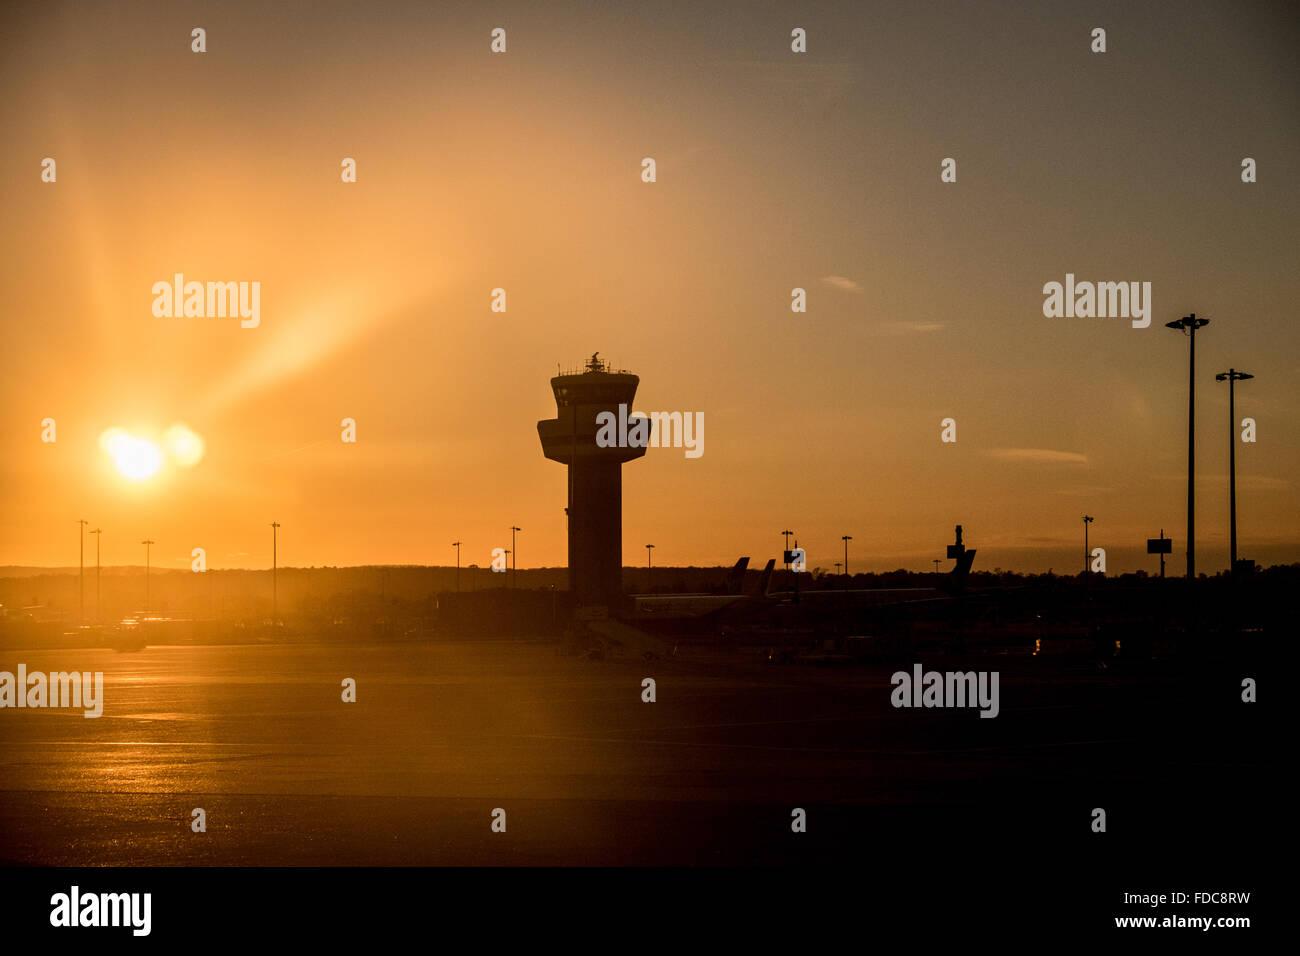 Sunset at Gatwick airport, Gatwick, England, UK - Stock Image